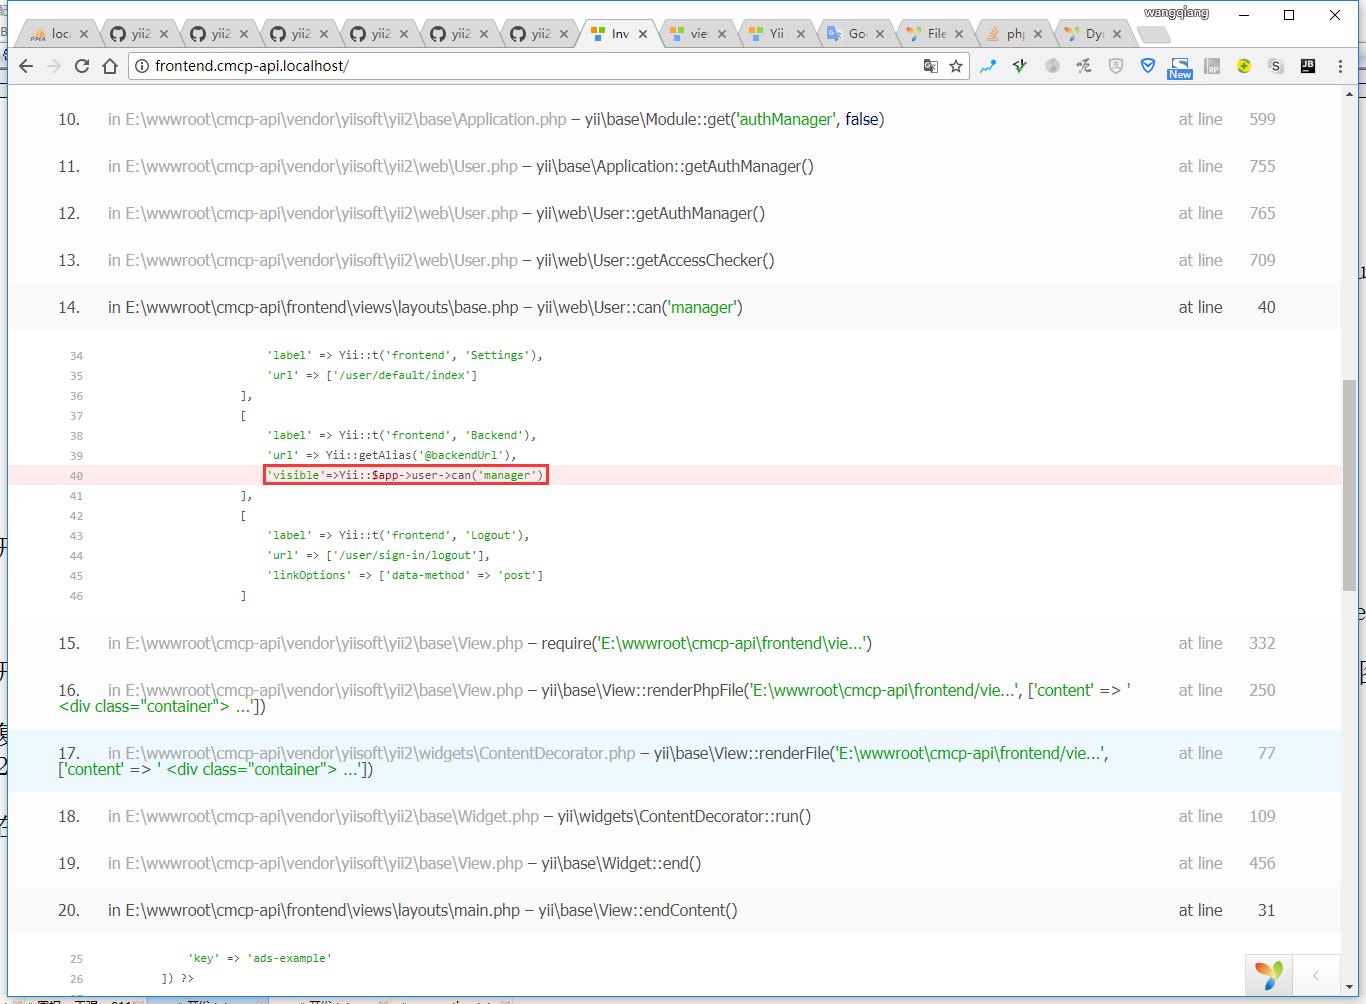 """打开:http://frontend.cmcp-api.localhost/ ,报错:Failed to instantiate component or class """"db"""".,原因在于 RBAC 组件使用数据库表存放数据"""